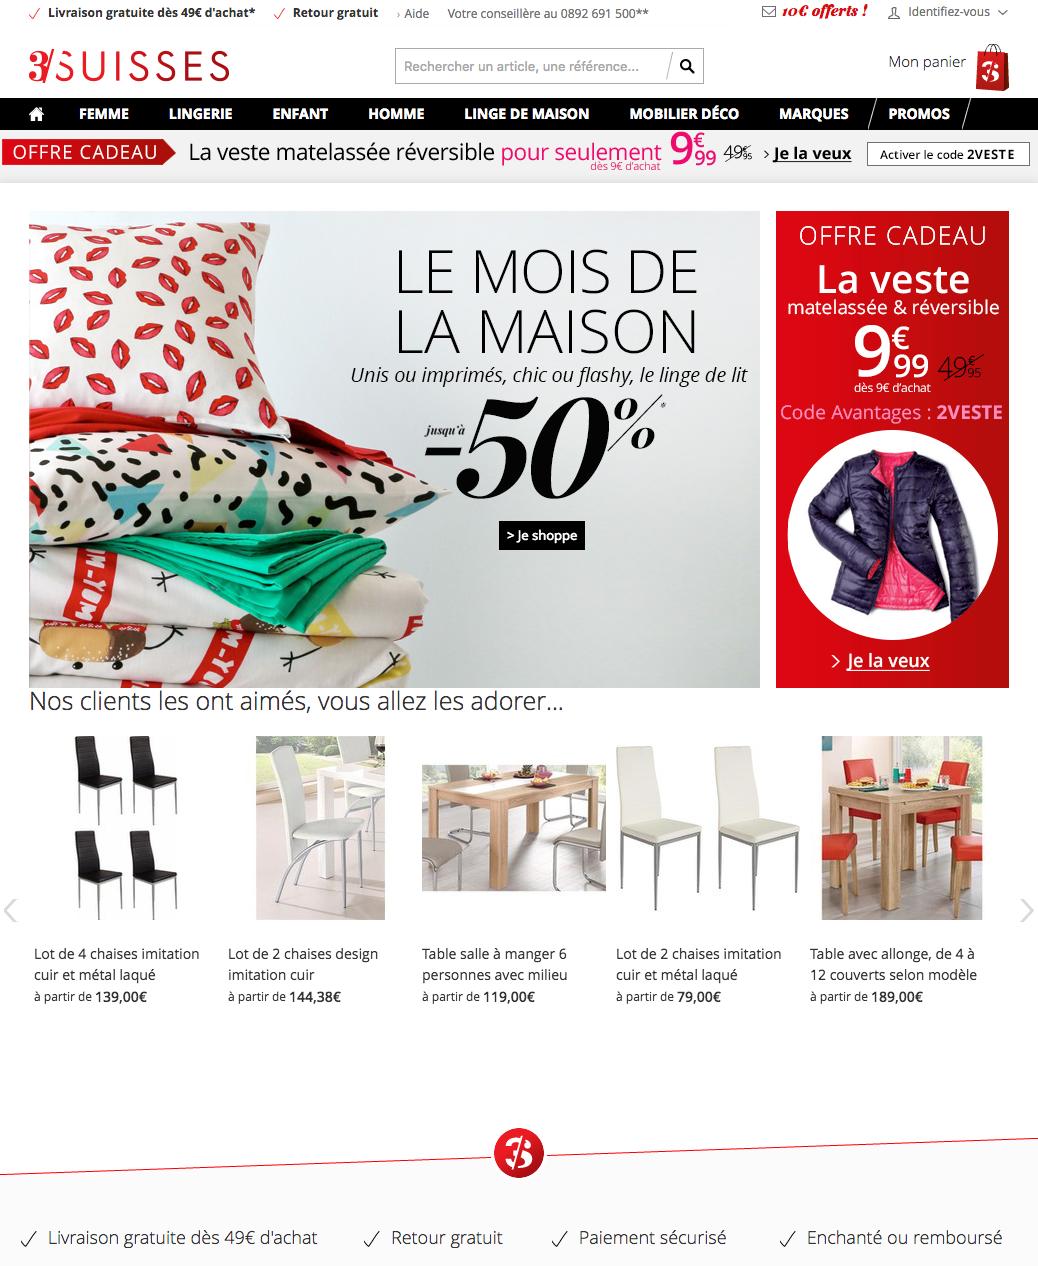 Achat High Suisses Tech 3 Aux Du Catalogue Boutique Yfy6b7g